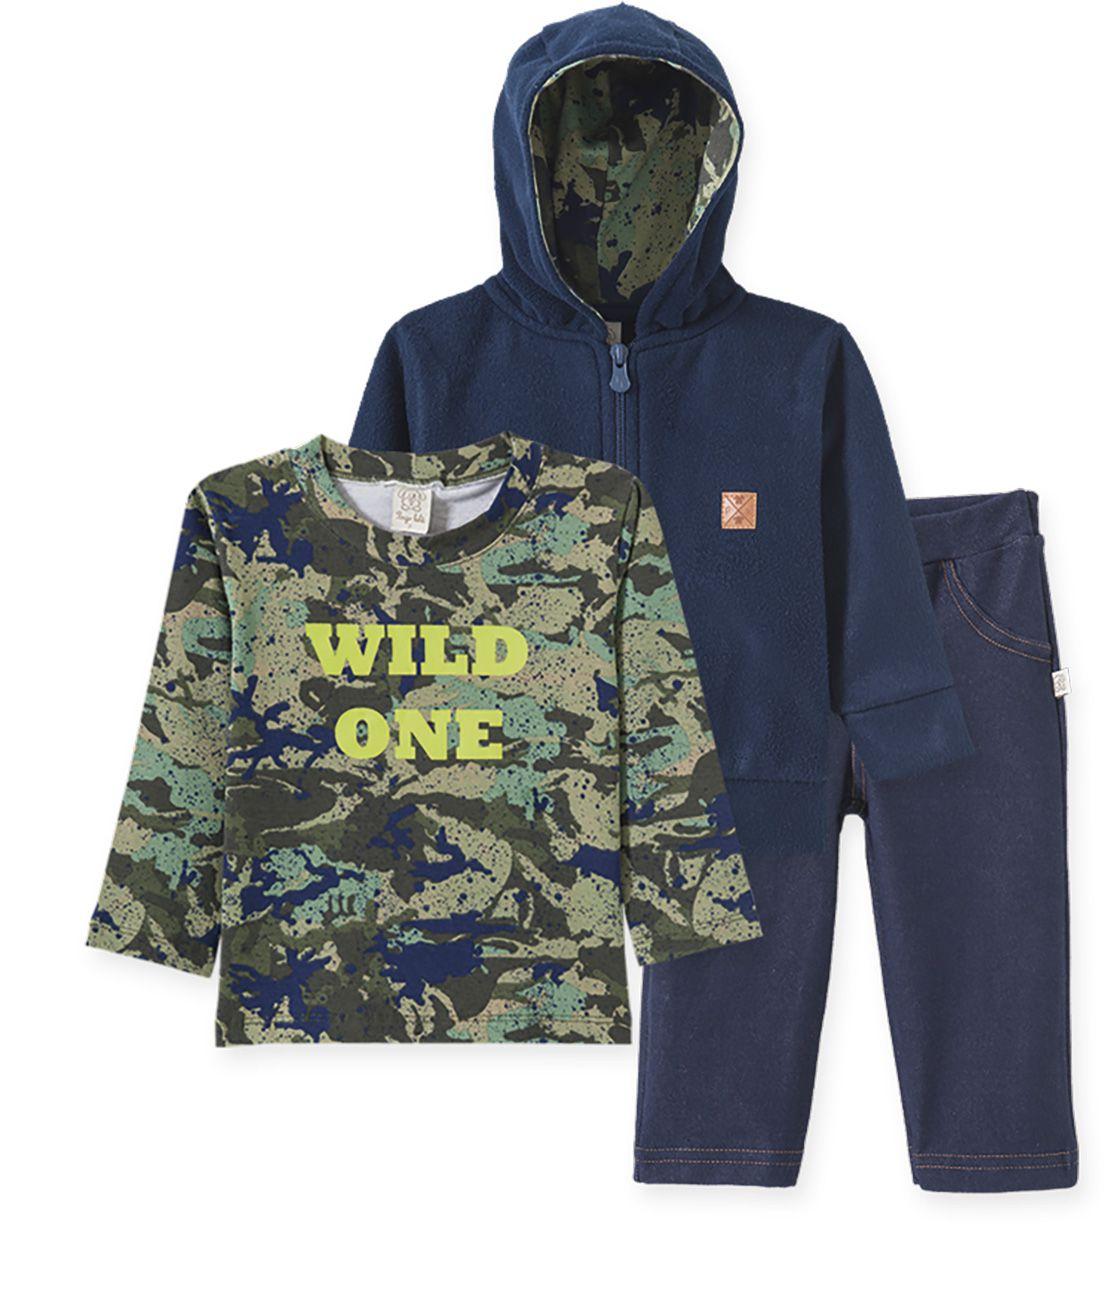 Conjunto Infantil Camiseta manga longa, Calça Cotton  Jeans e Casaco com capuz em  Soft Pingo Lelê camuflado verde e marinho